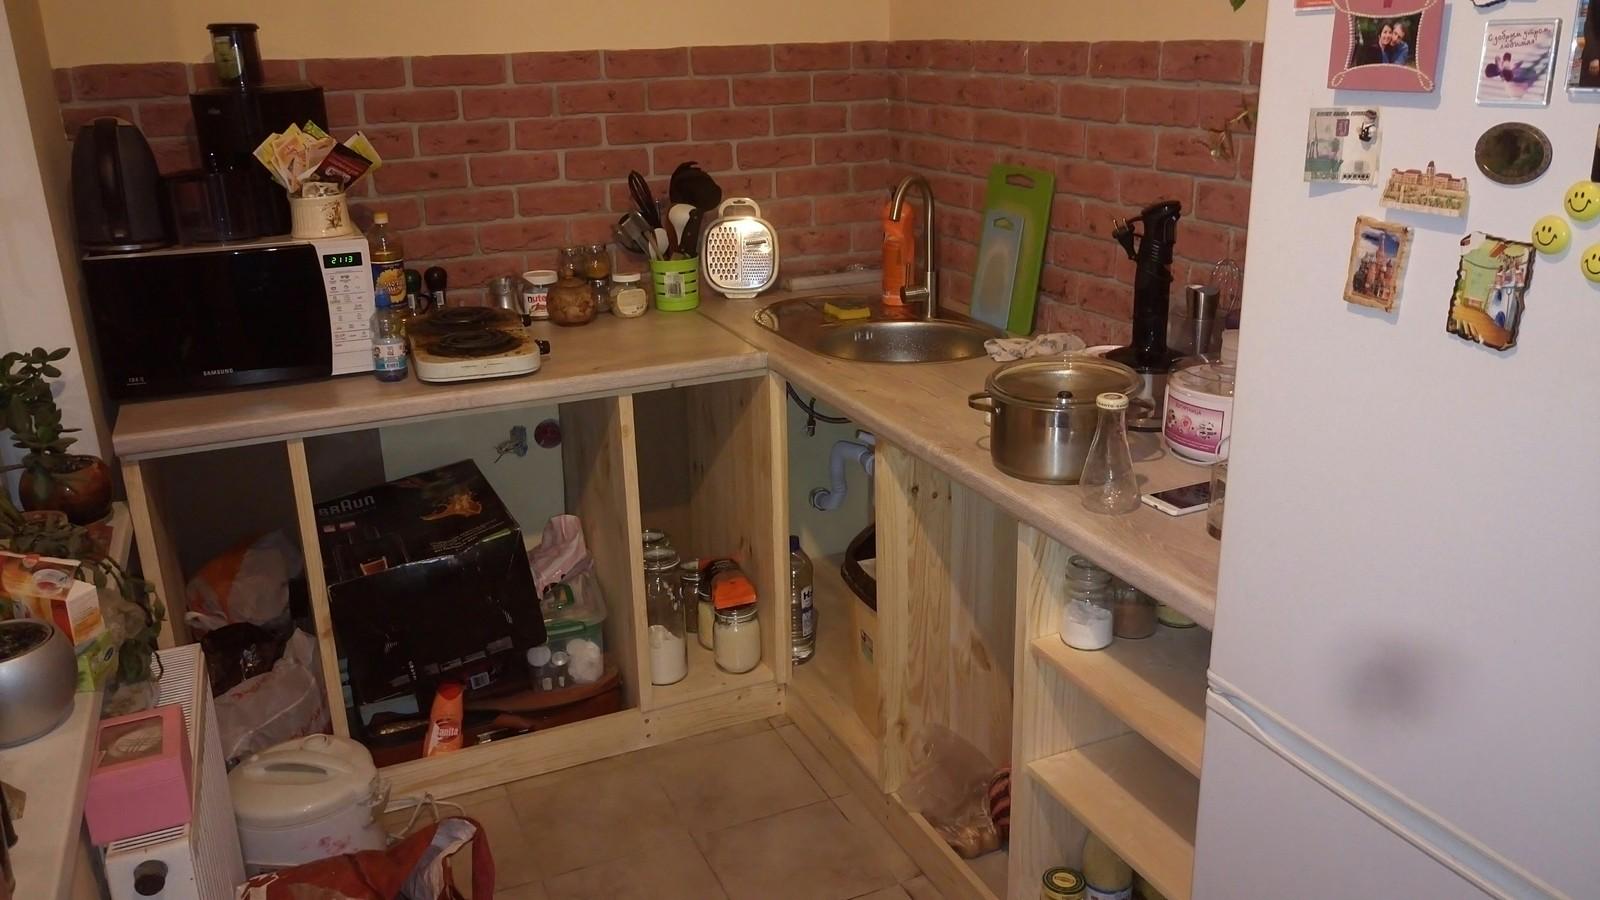 слава богу фото кто сделал кухню своими руками отлично подходит для